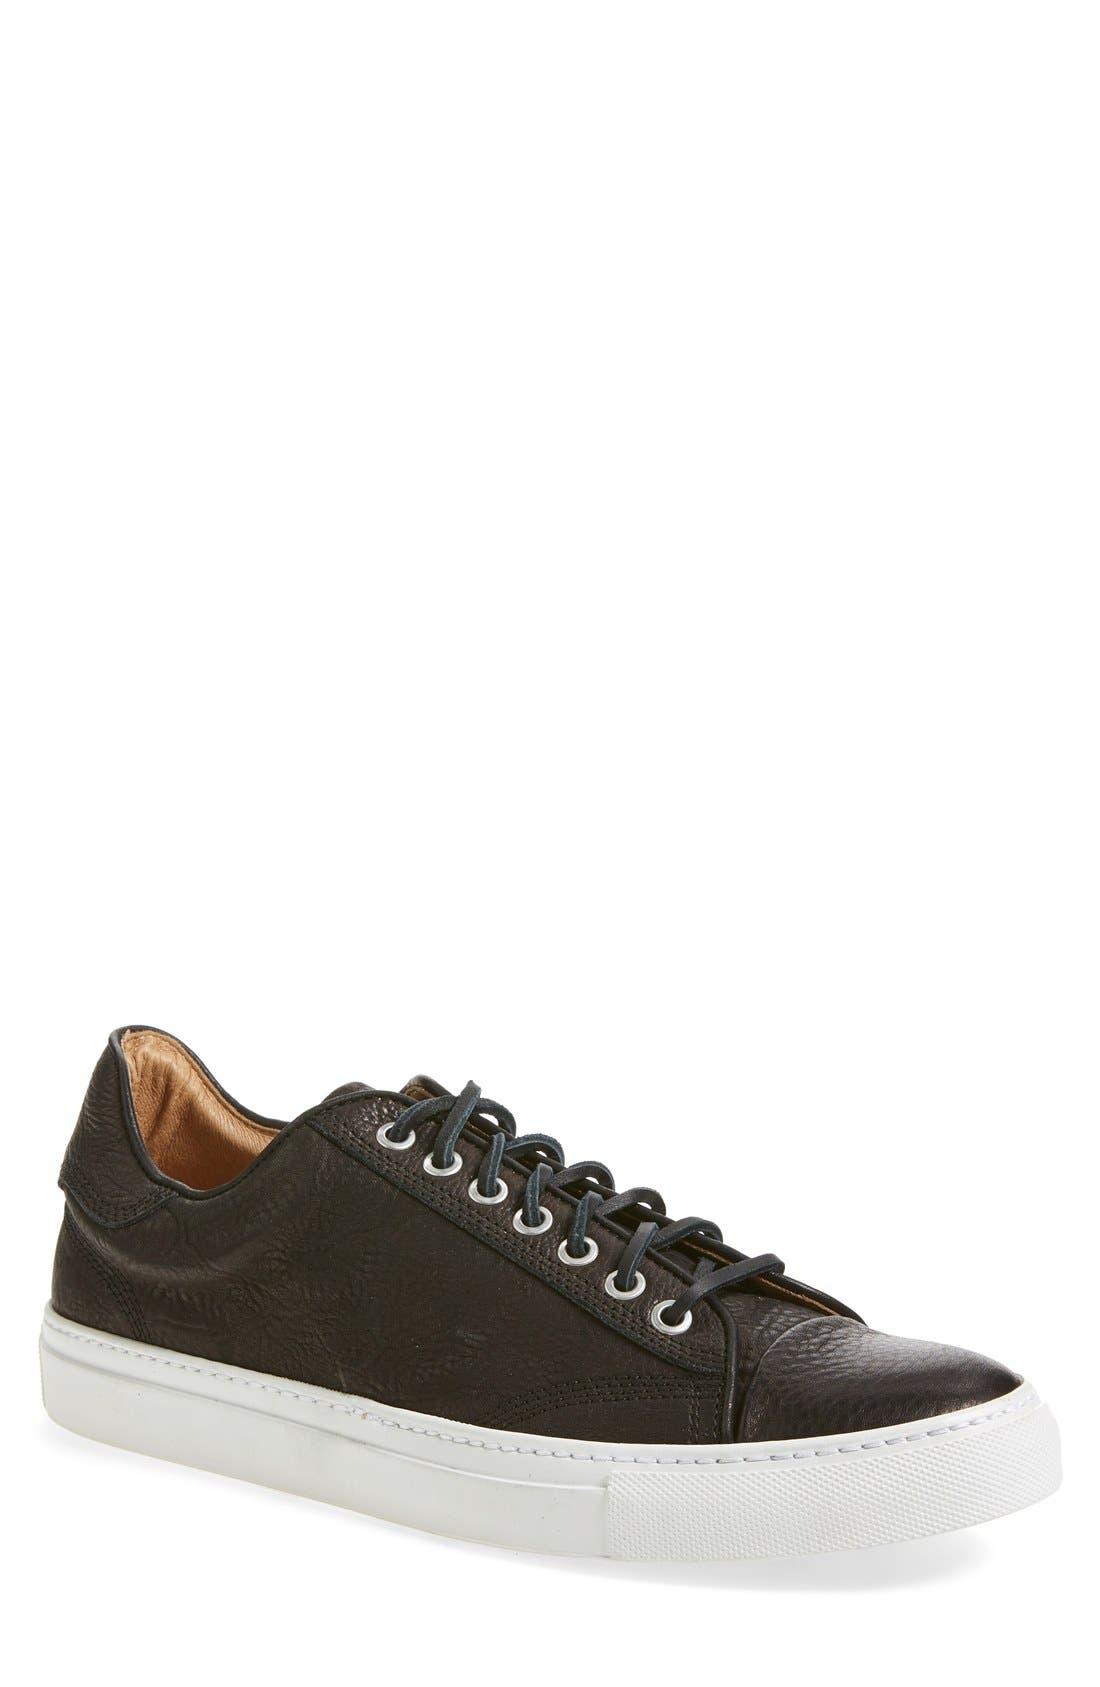 WINGS + HORNS Low Top Sneaker, Main, color, 003